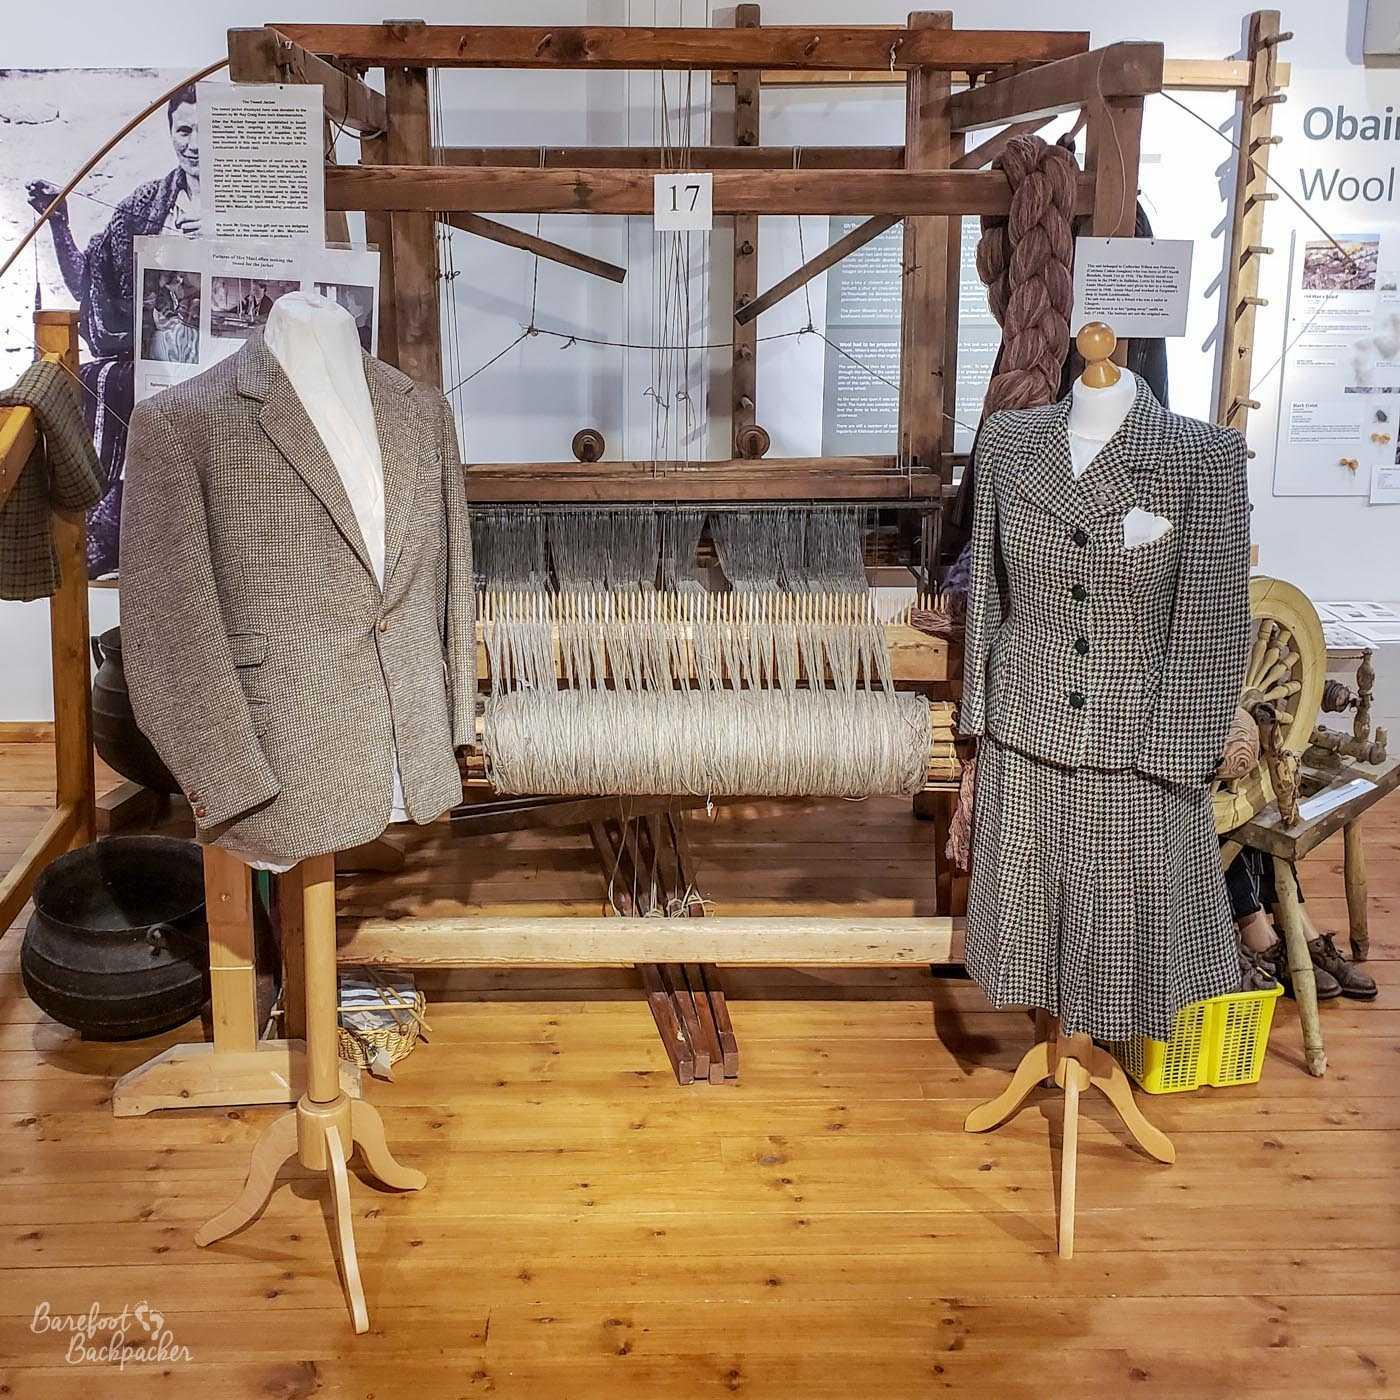 Examples of Harris Tweed at the Kildonan Museum